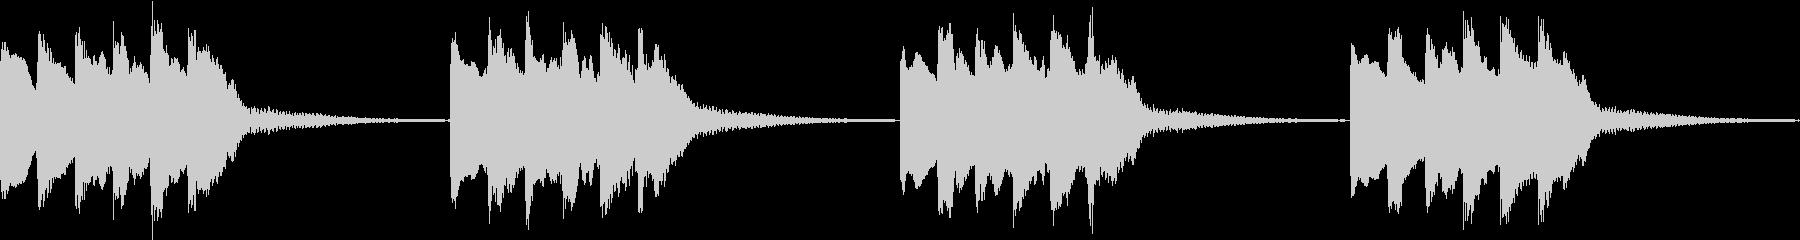 シンプル ベル 着信音 チャイム B-5の未再生の波形